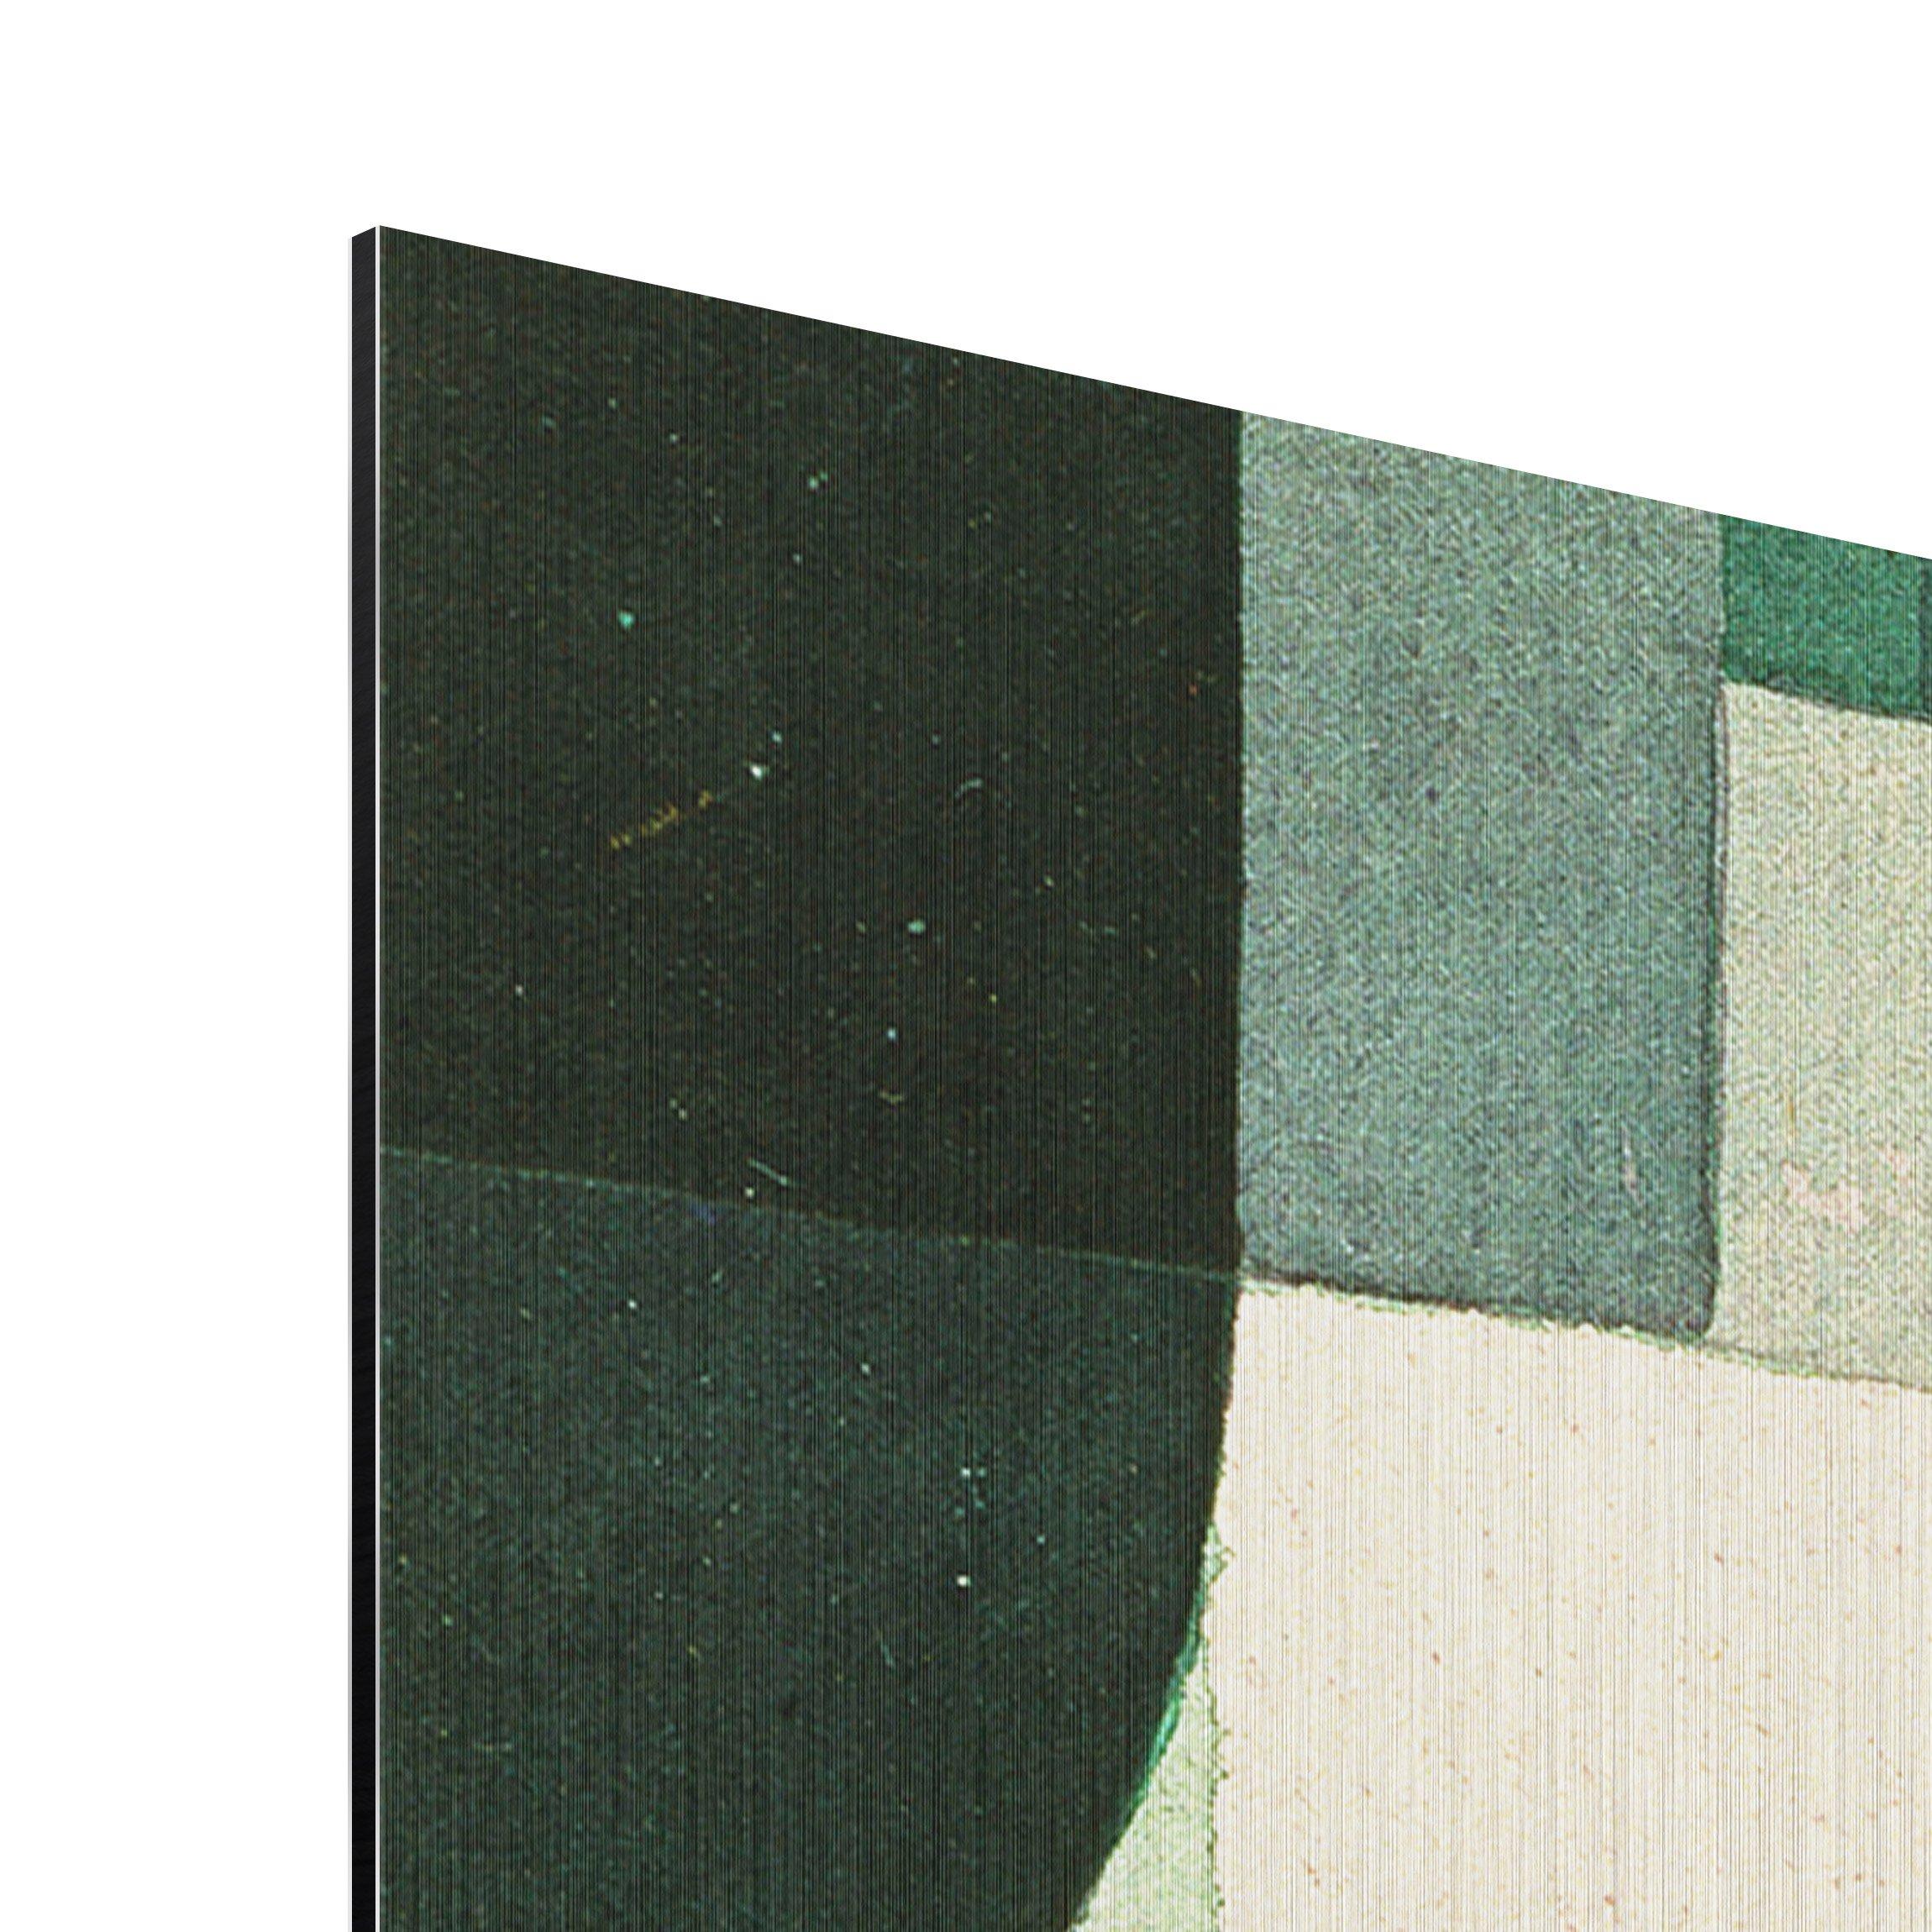 alu dibond geb rstet kunstdruck paul klee schleusen expressionismus quer 2 3. Black Bedroom Furniture Sets. Home Design Ideas